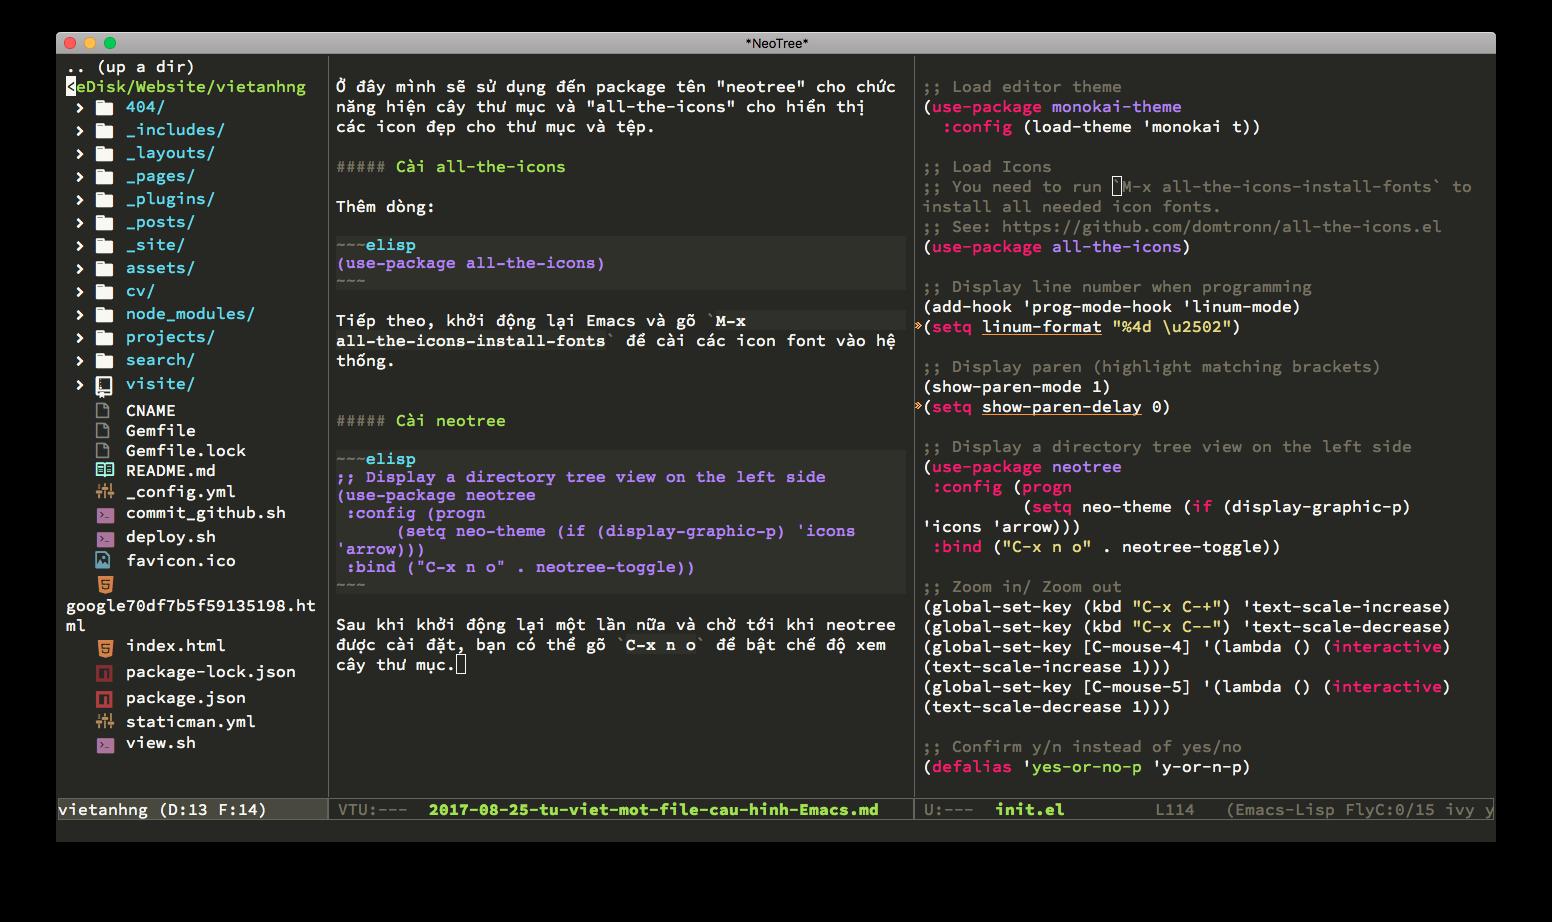 Hình ảnh neotree Emacs